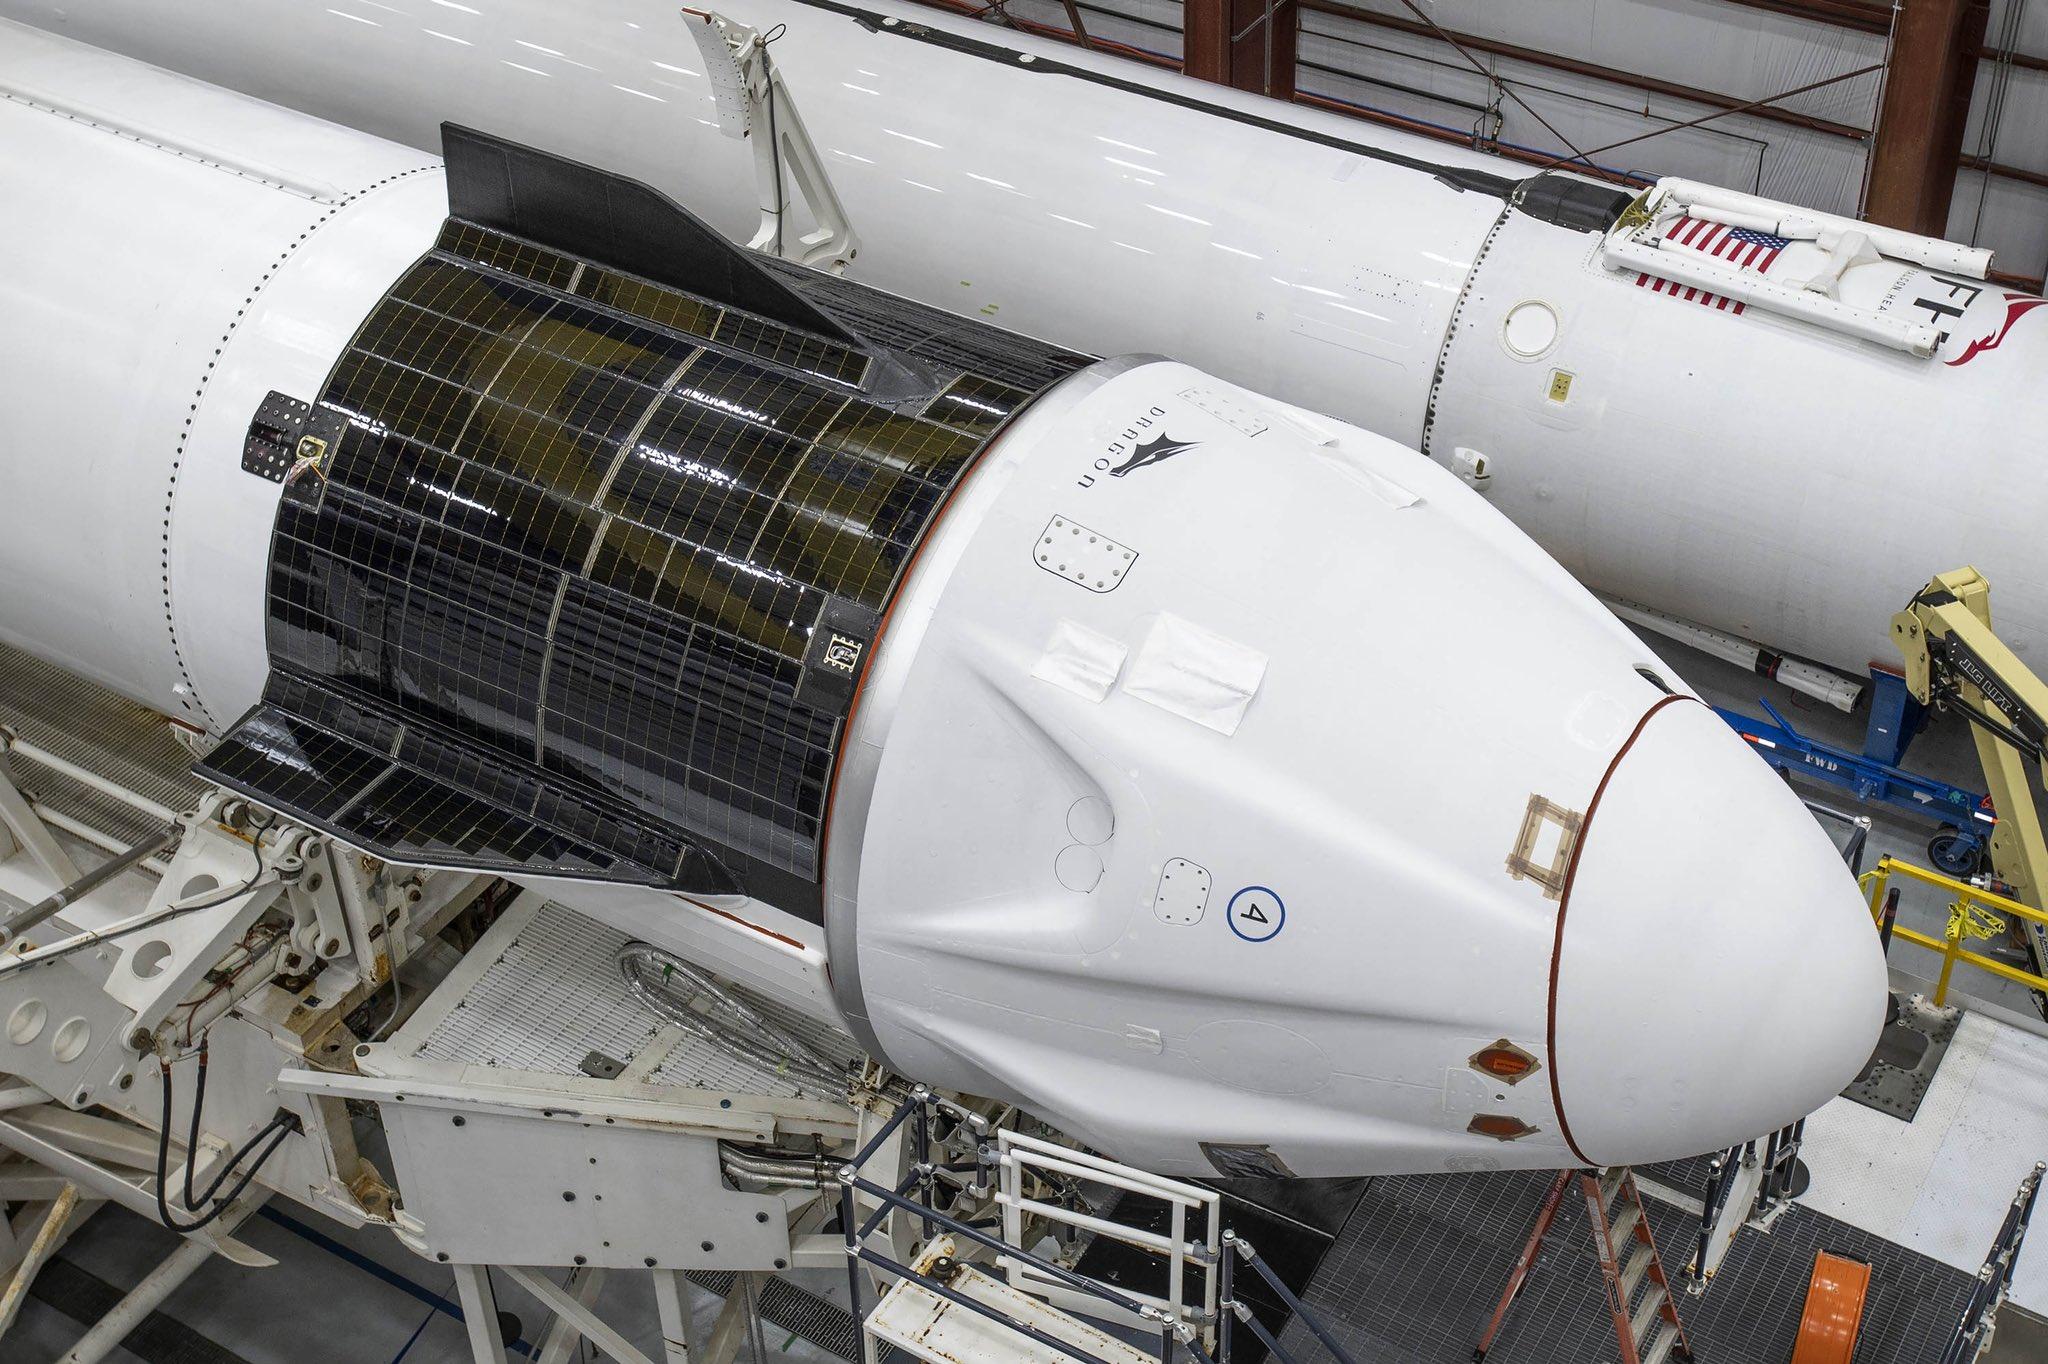 La capsula Dragon Resilience di Inspiration4 integrata sulla cima del Falcon 9 nell'hangar di SpaceX. Credits: SpaceX.